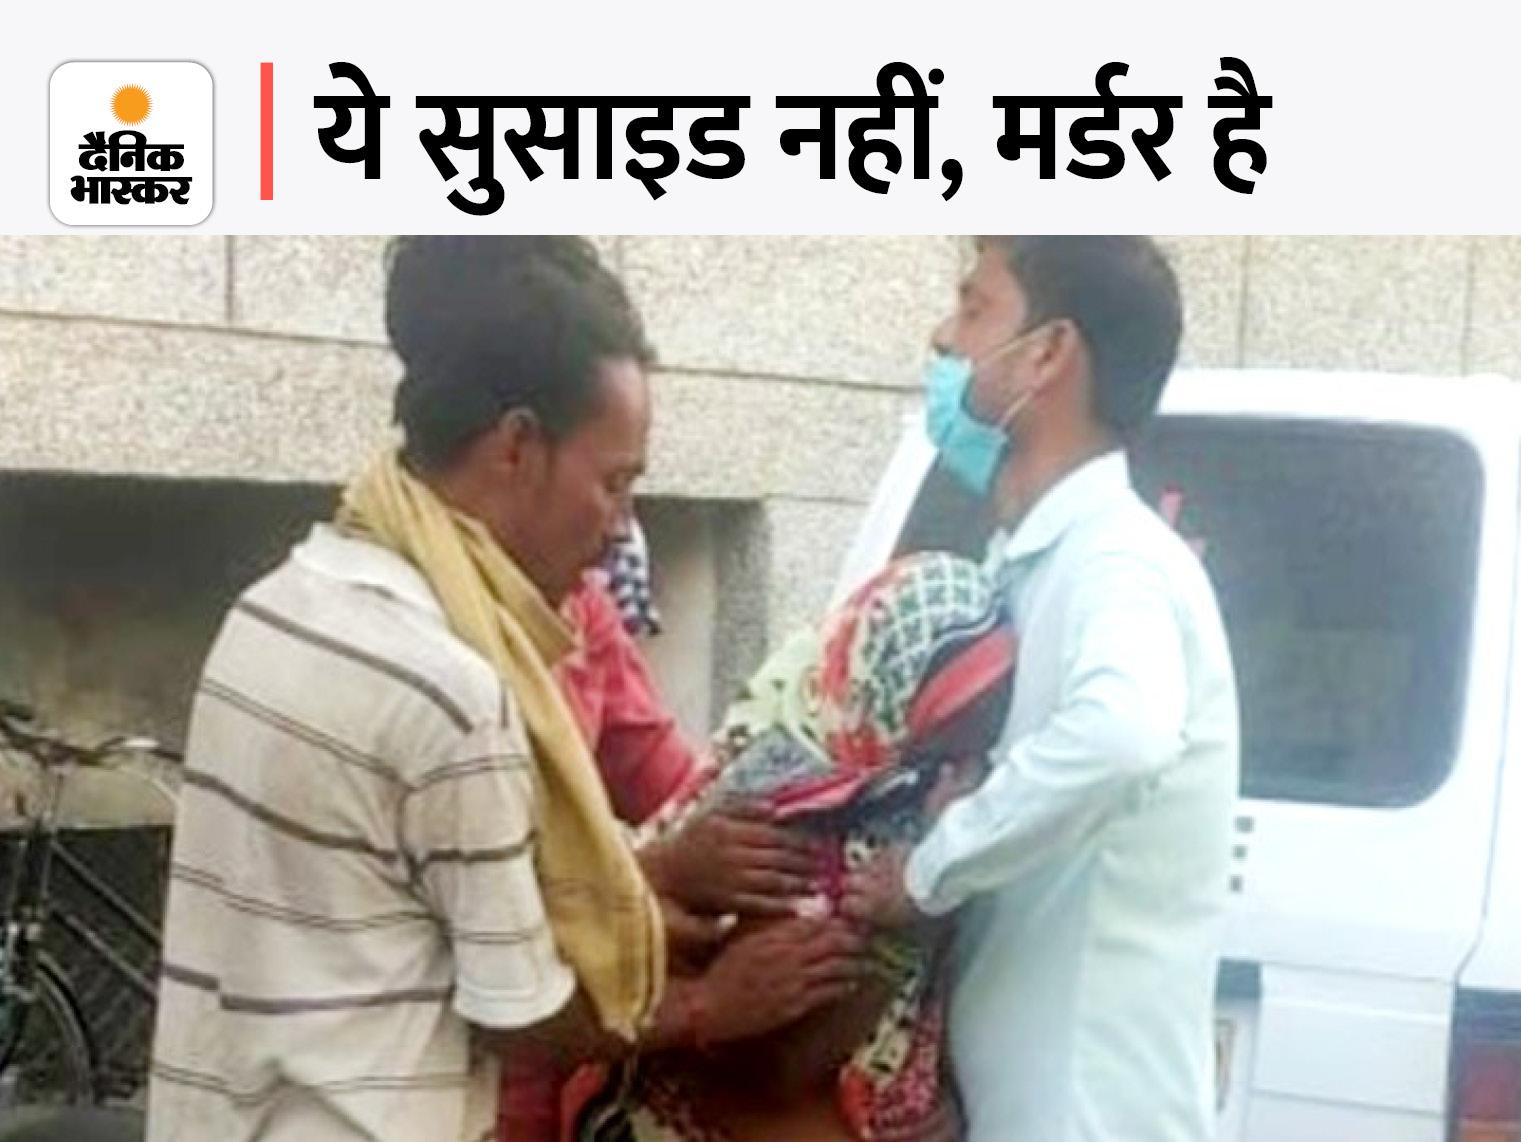 आगरा में पड़ोसी करता था तंग, लेकिन पुलिस ने करा दिया था निपटारा; मां बोली- बेटी पानी मांग रही थी, पर हम दे न सके|आगरा,Agra - Dainik Bhaskar